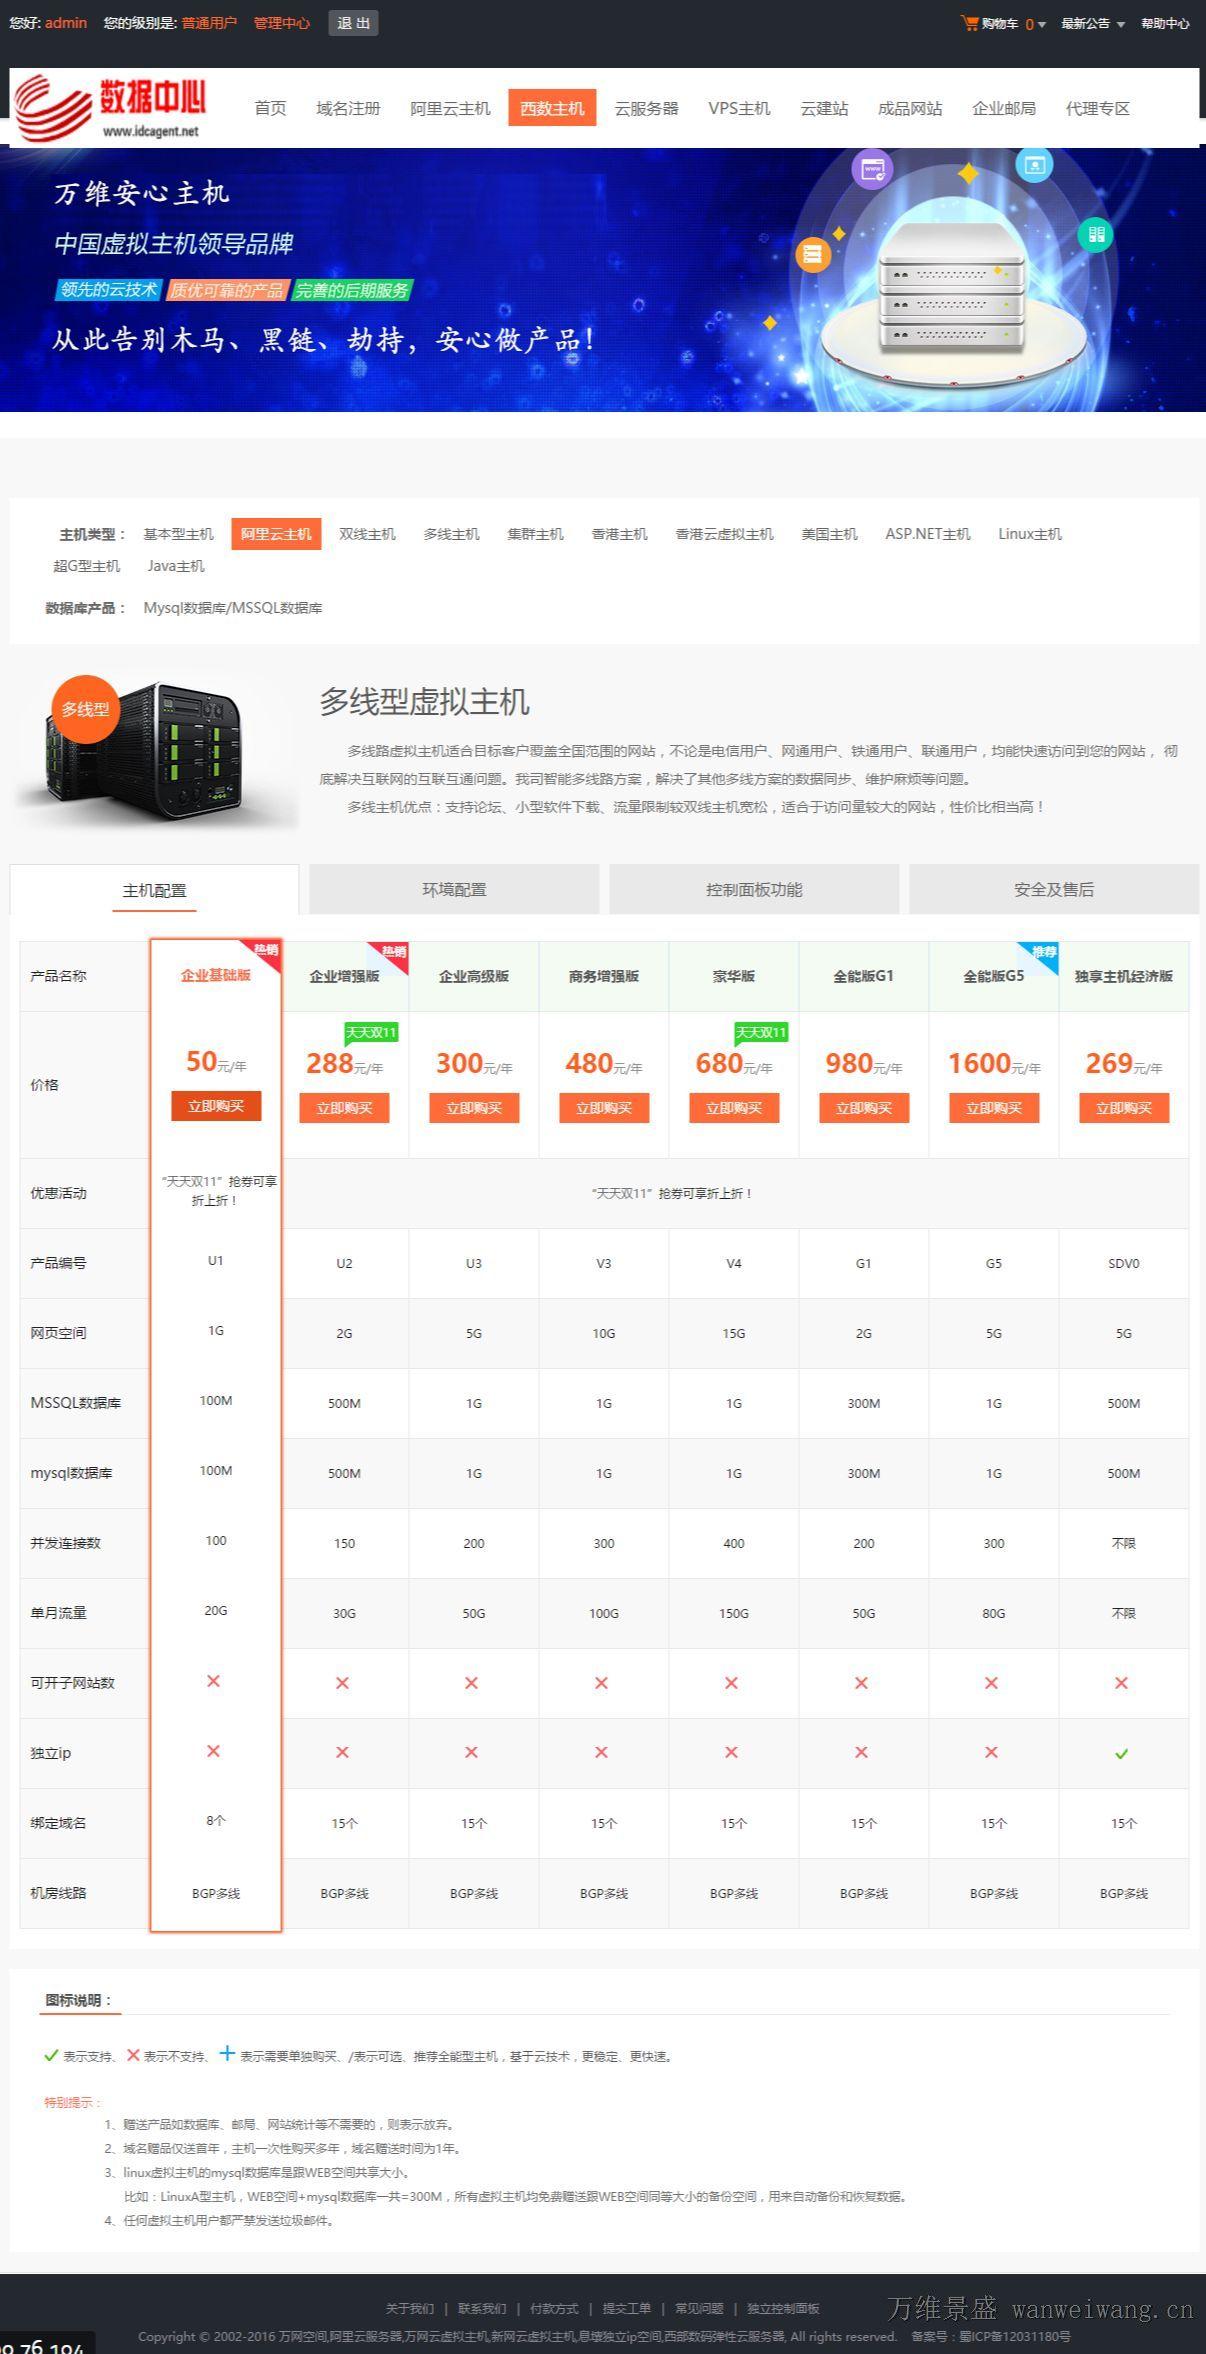 阿里云主机域名邮箱分销商平台开源软件